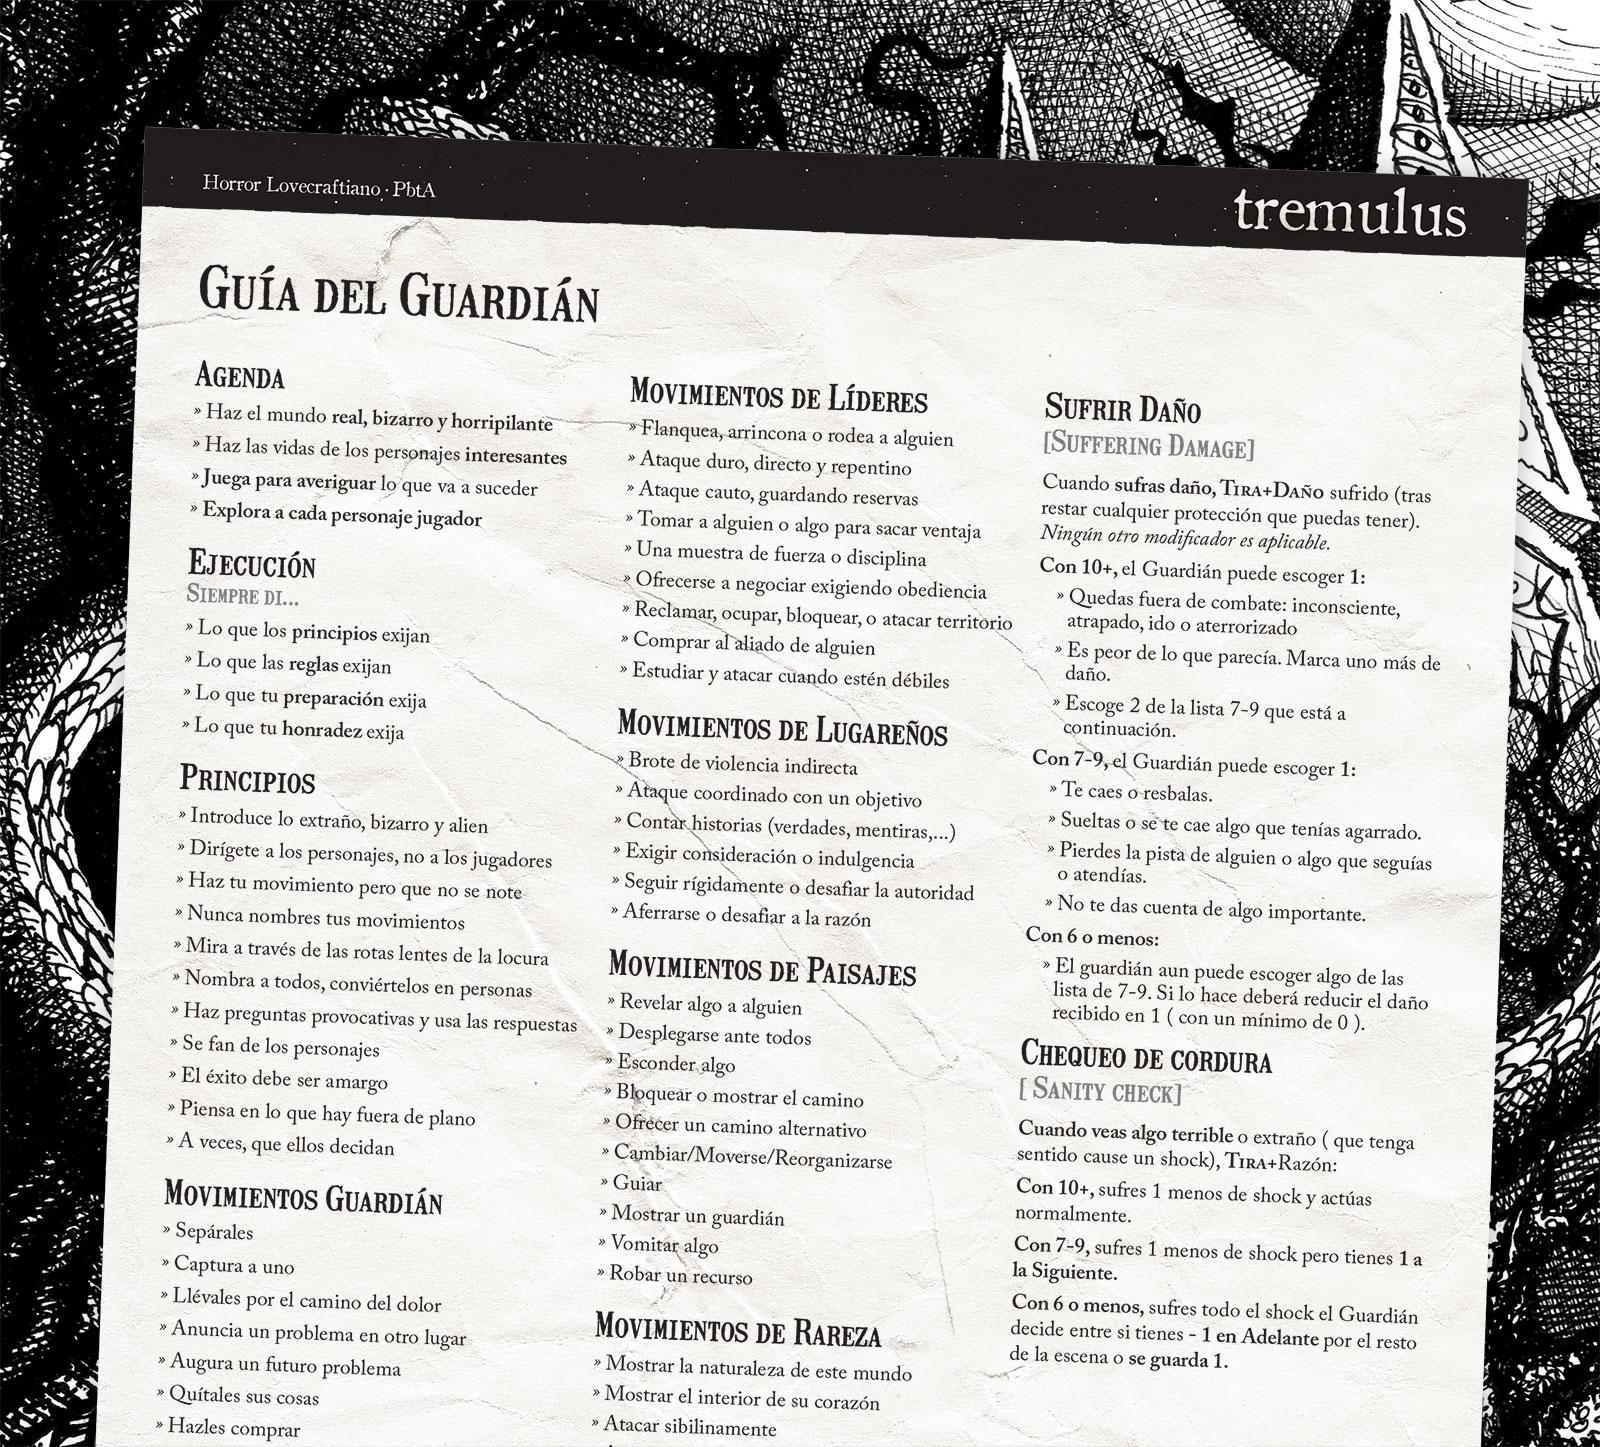 Descargar Hoja de referencia tremulus español| Mega